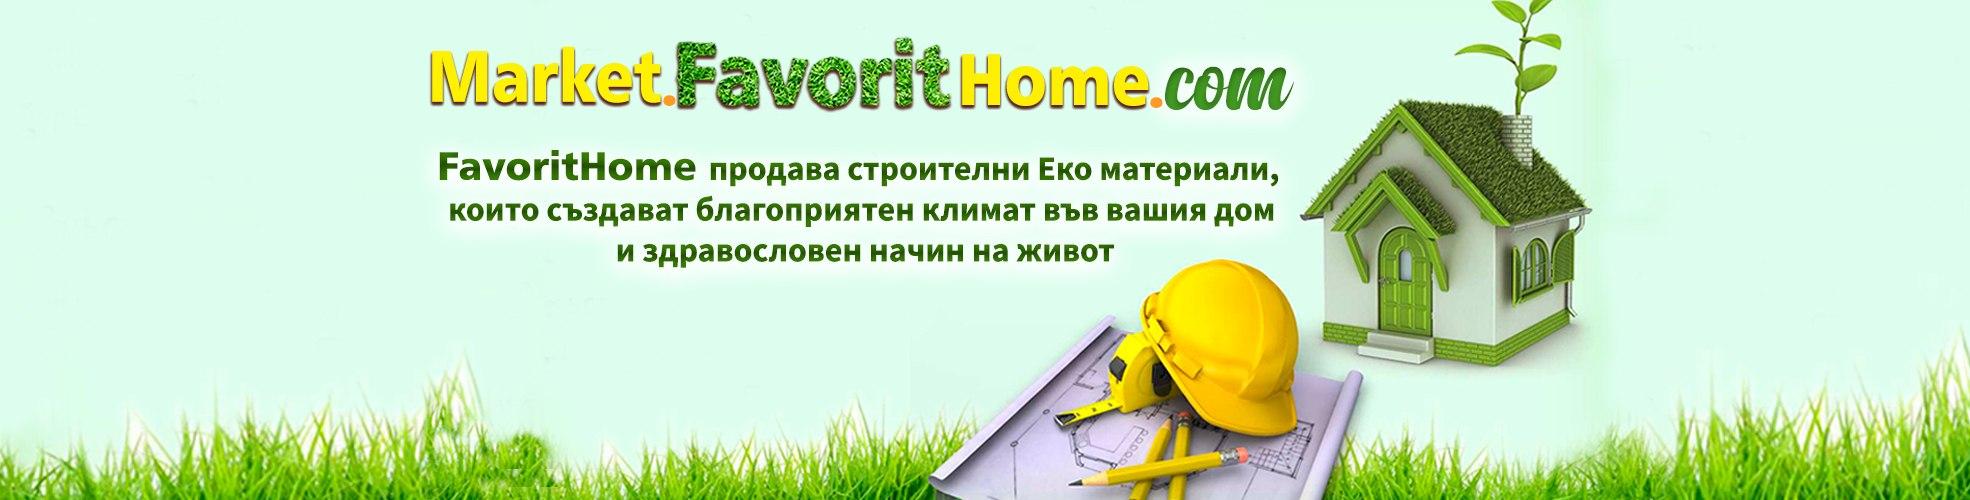 Market-FavoritHome.com